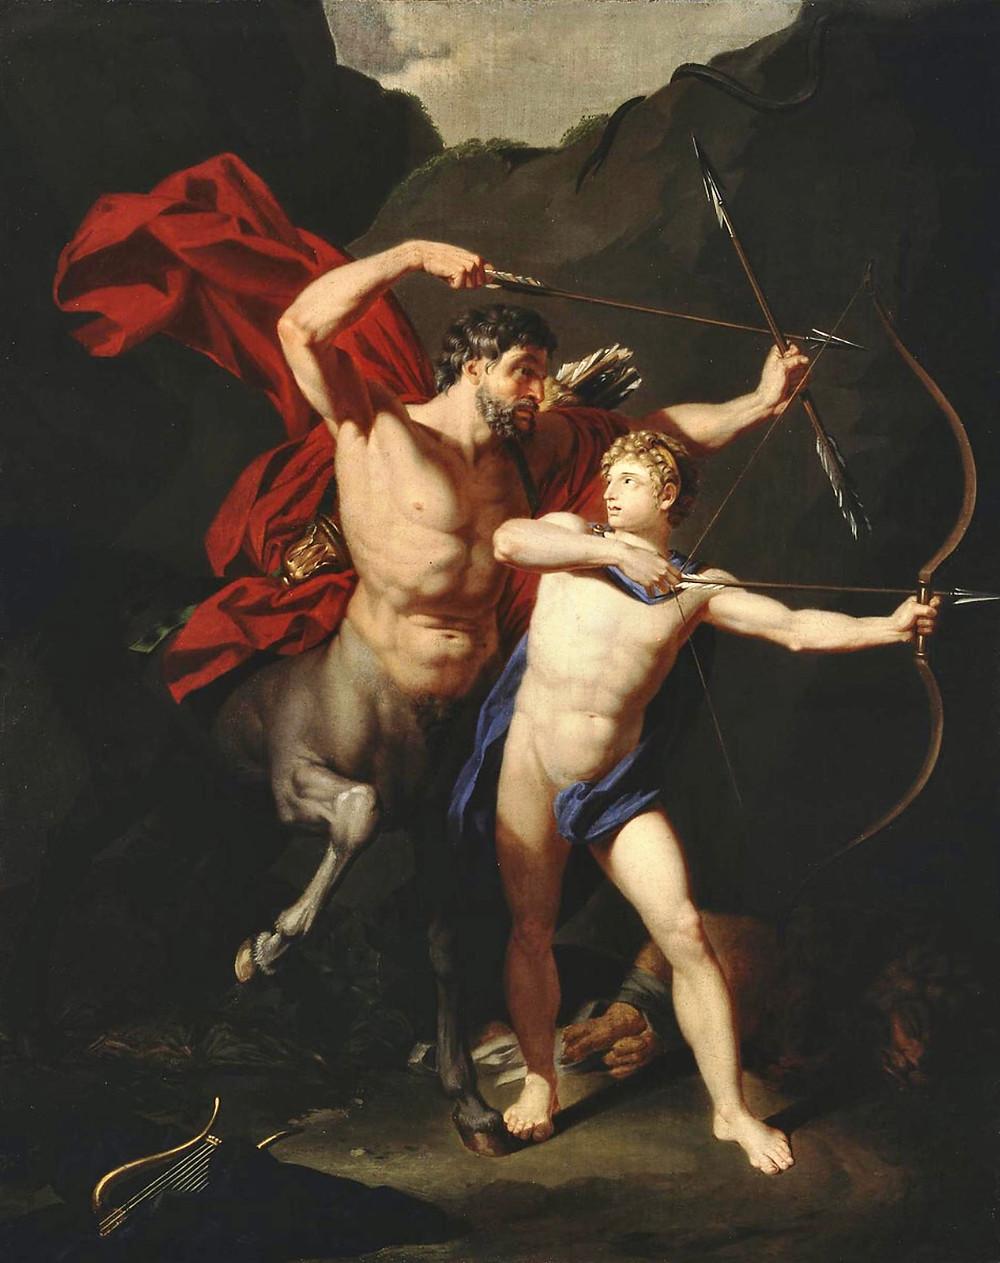 Jean-Baptiste Regnault (1754-1829) | Educação de Aquiles pelo centauro Quíron, c. 1782